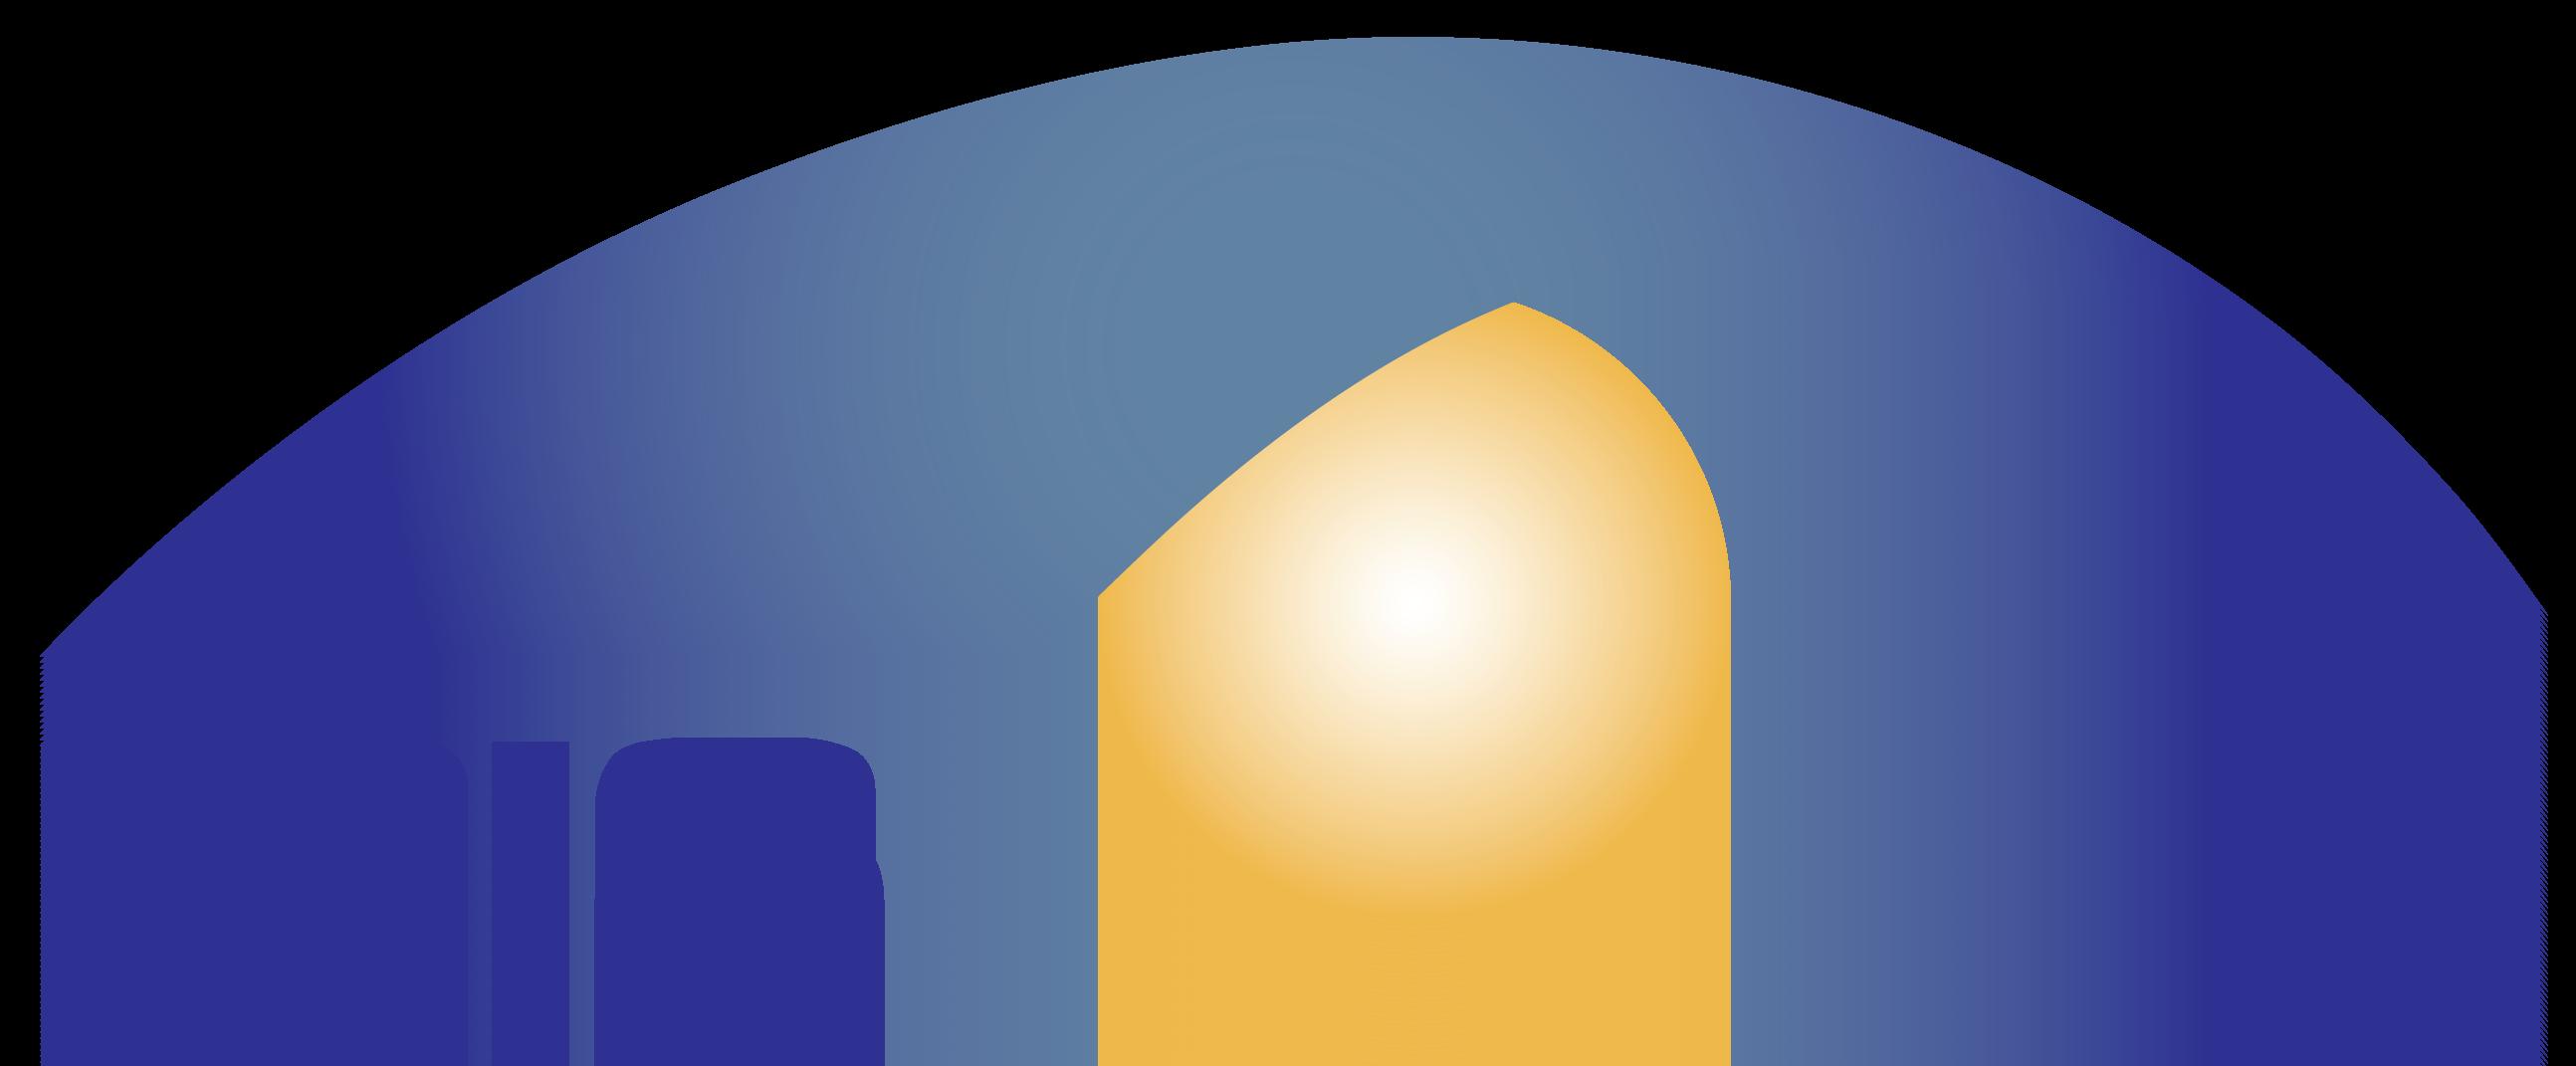 IRIS System Inforindo